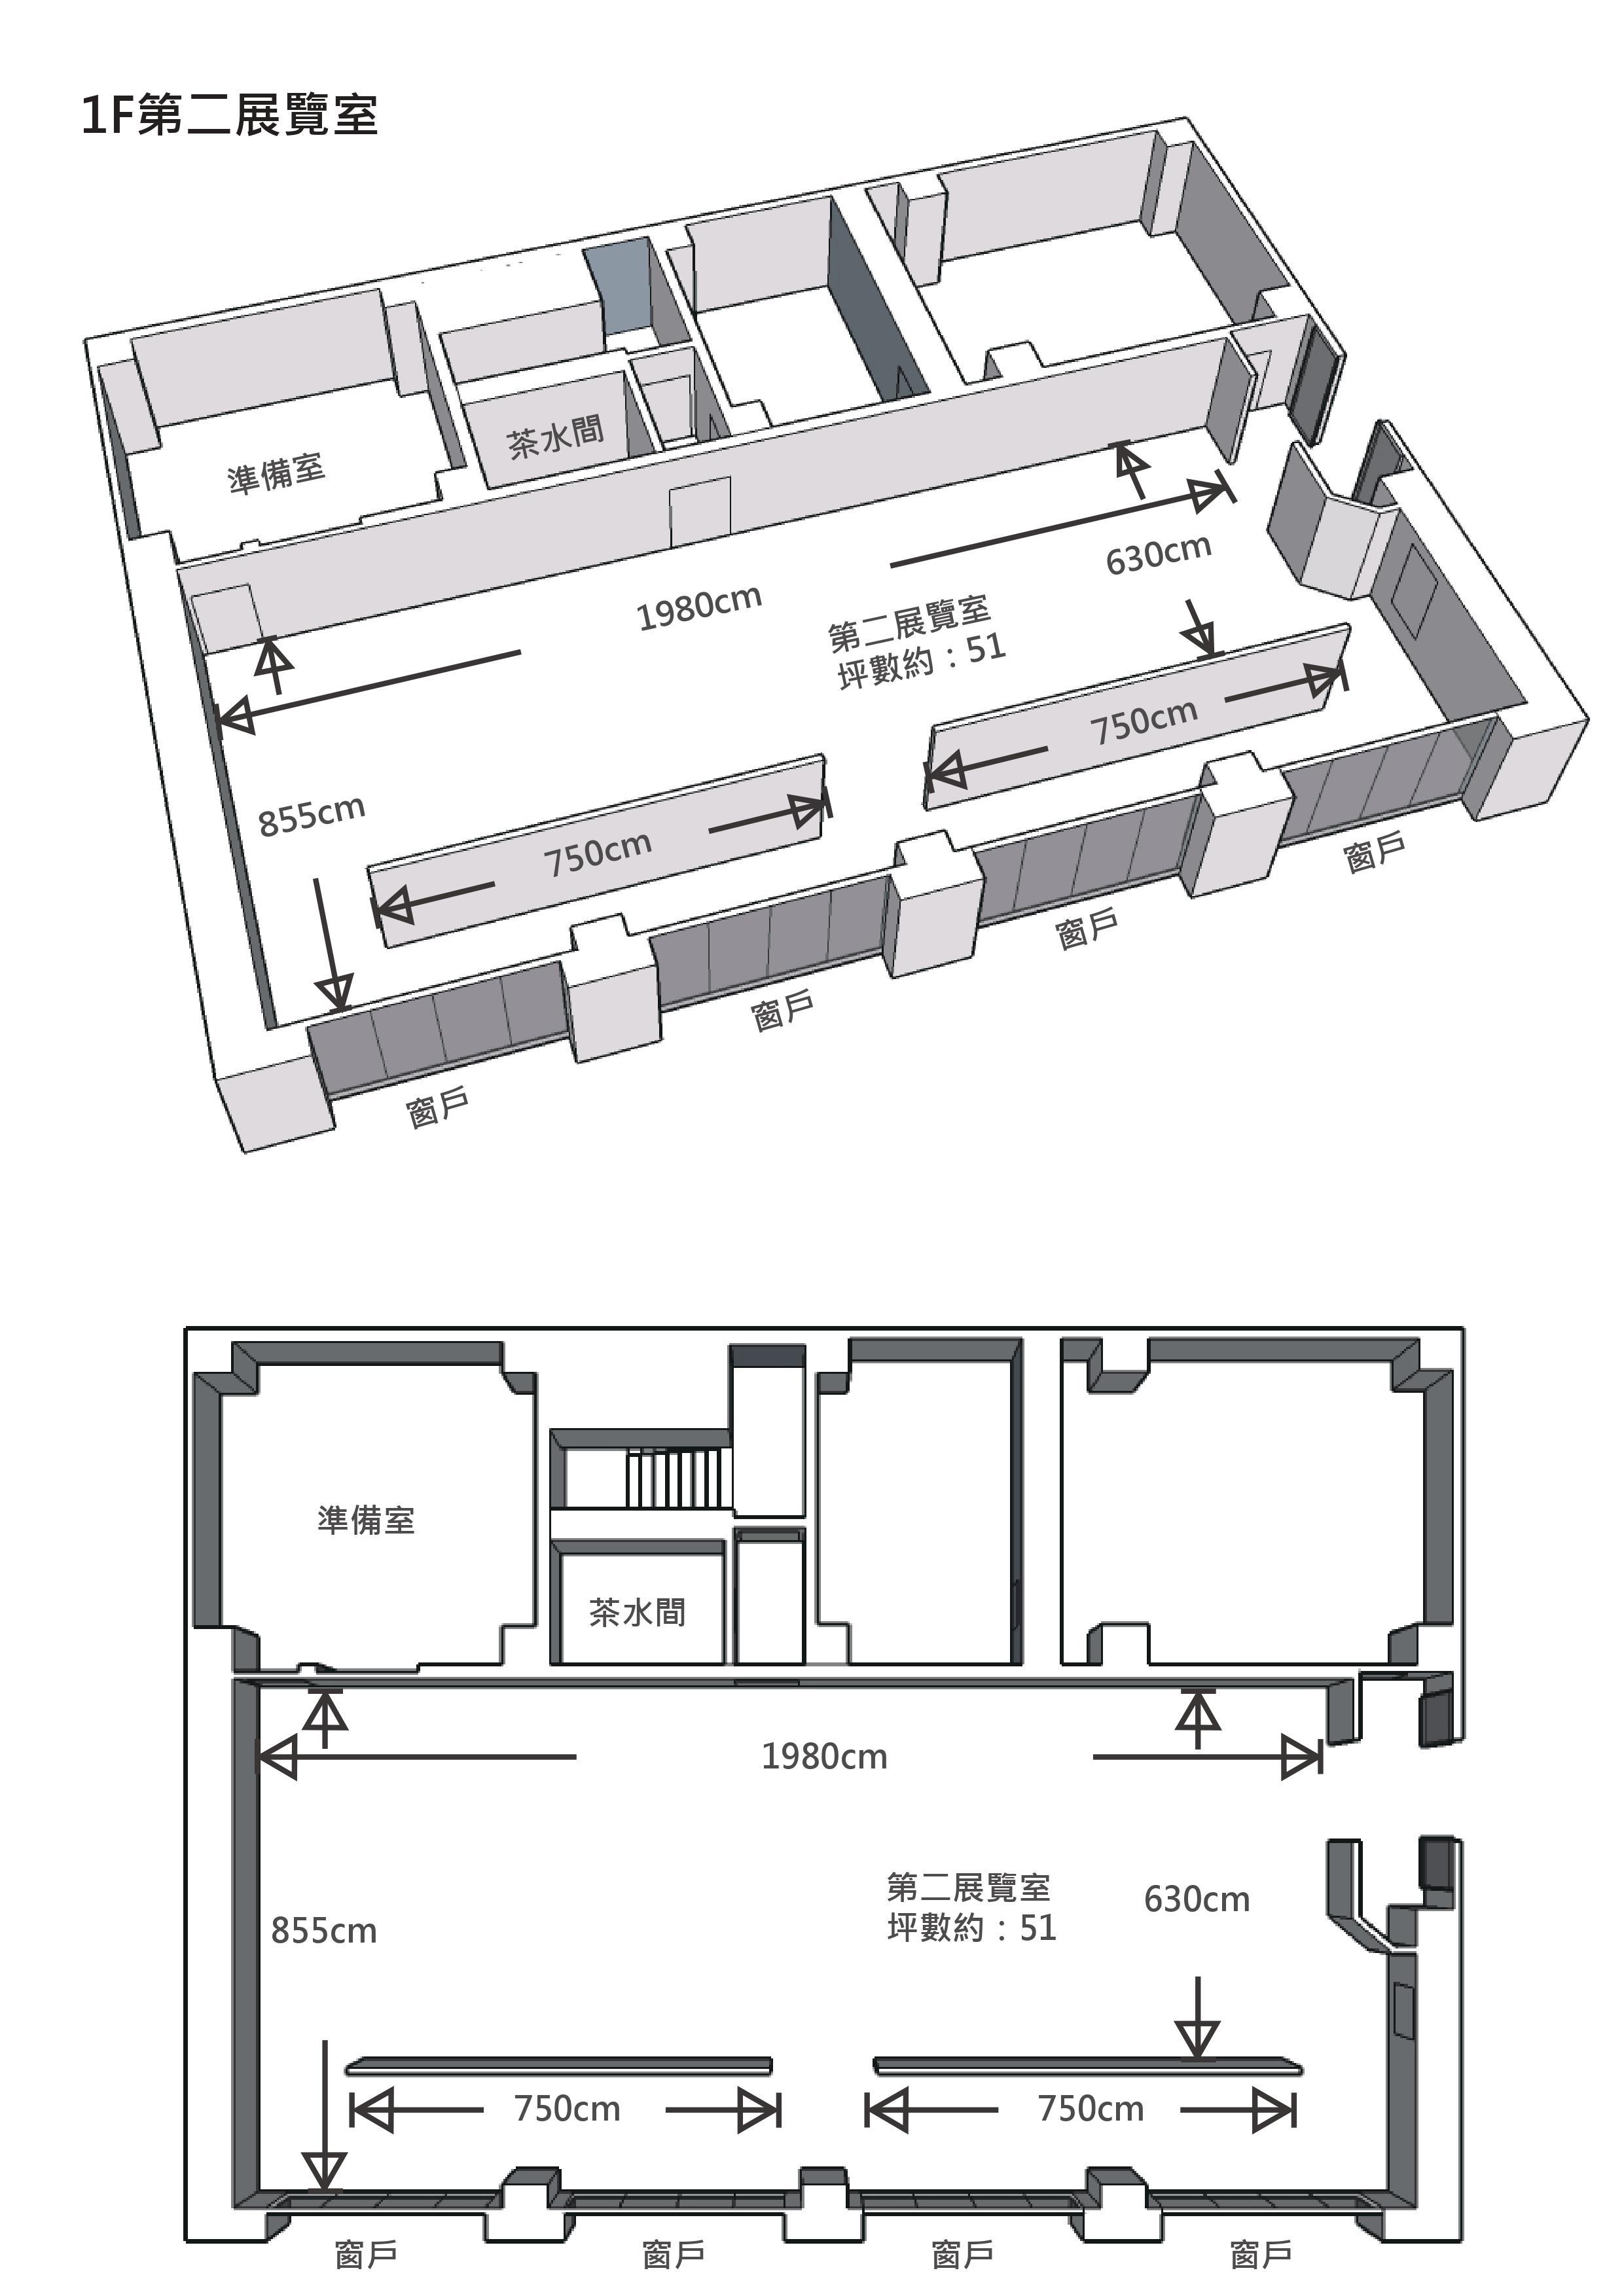 1F 第二展覽室